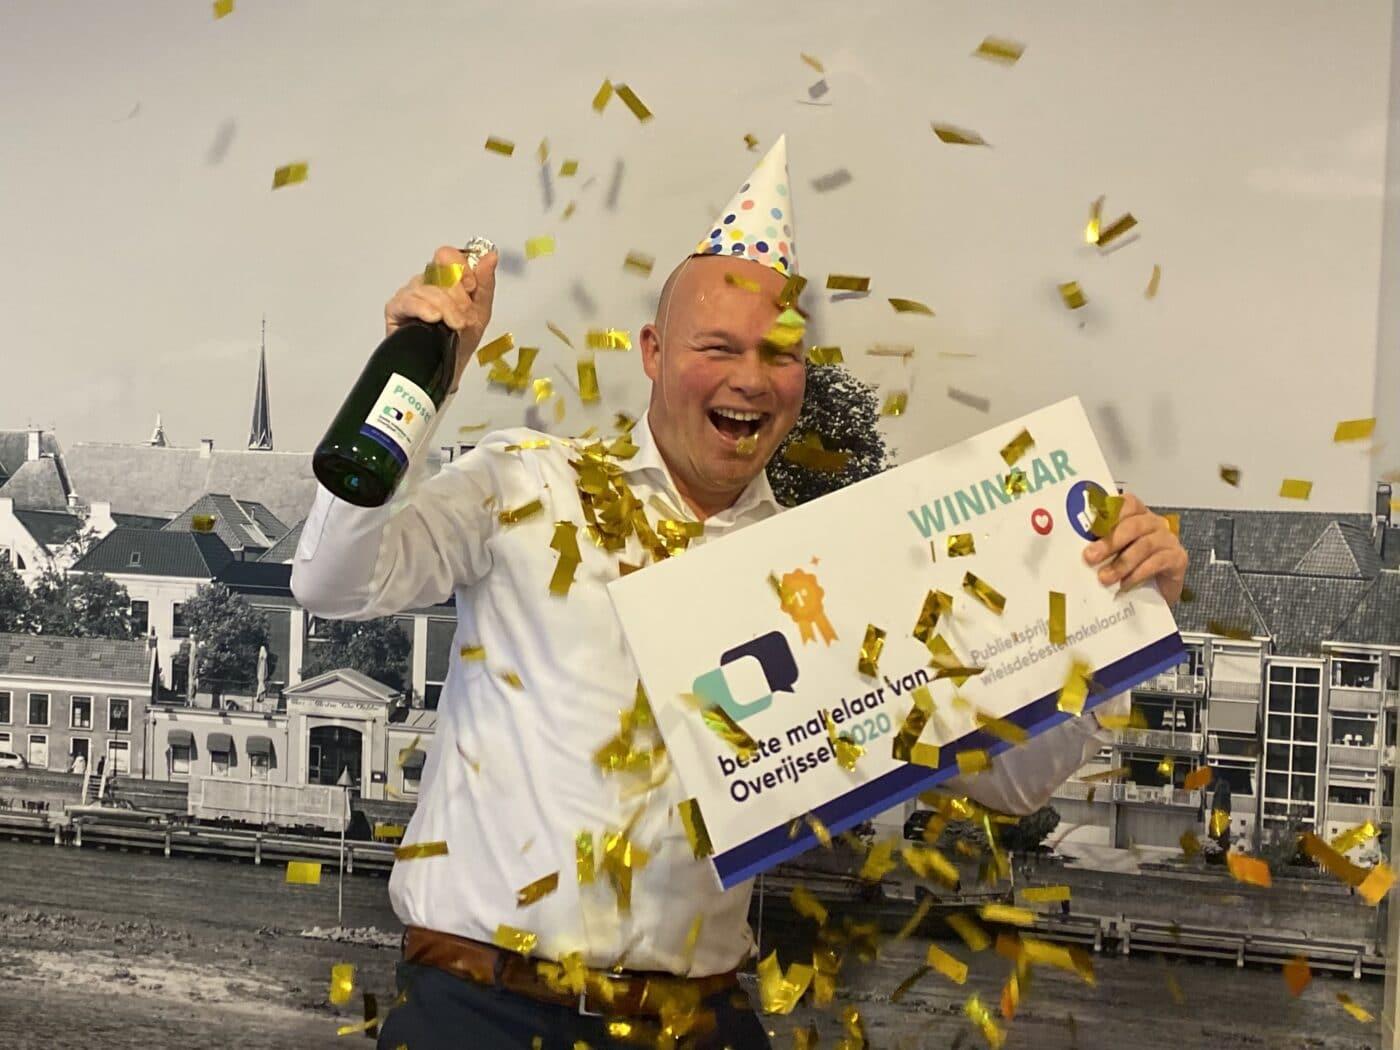 De beste makelaar van Overijssel in 2020 - Makelaar in Deventer